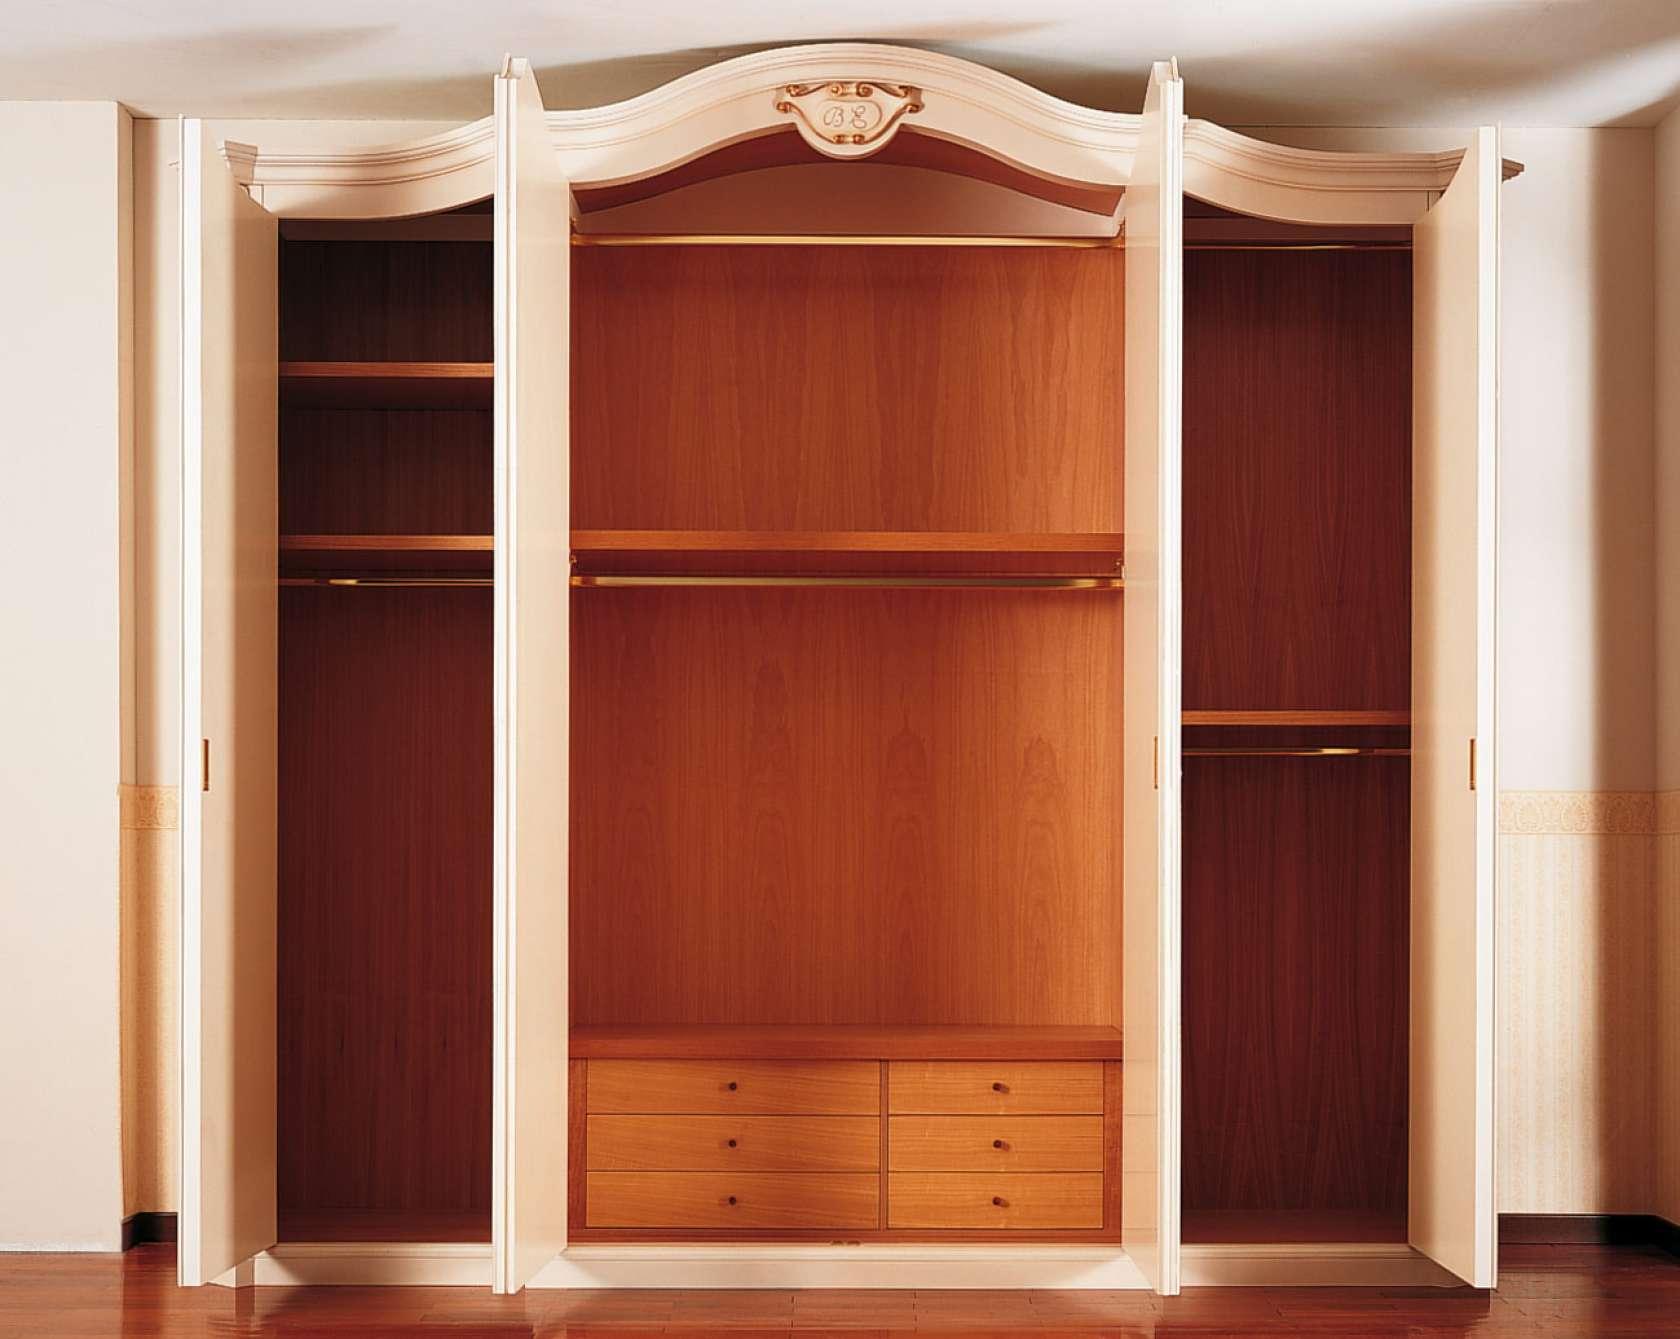 Armadio classico settecento interno in legno vimercati meda - Armadio interno ...